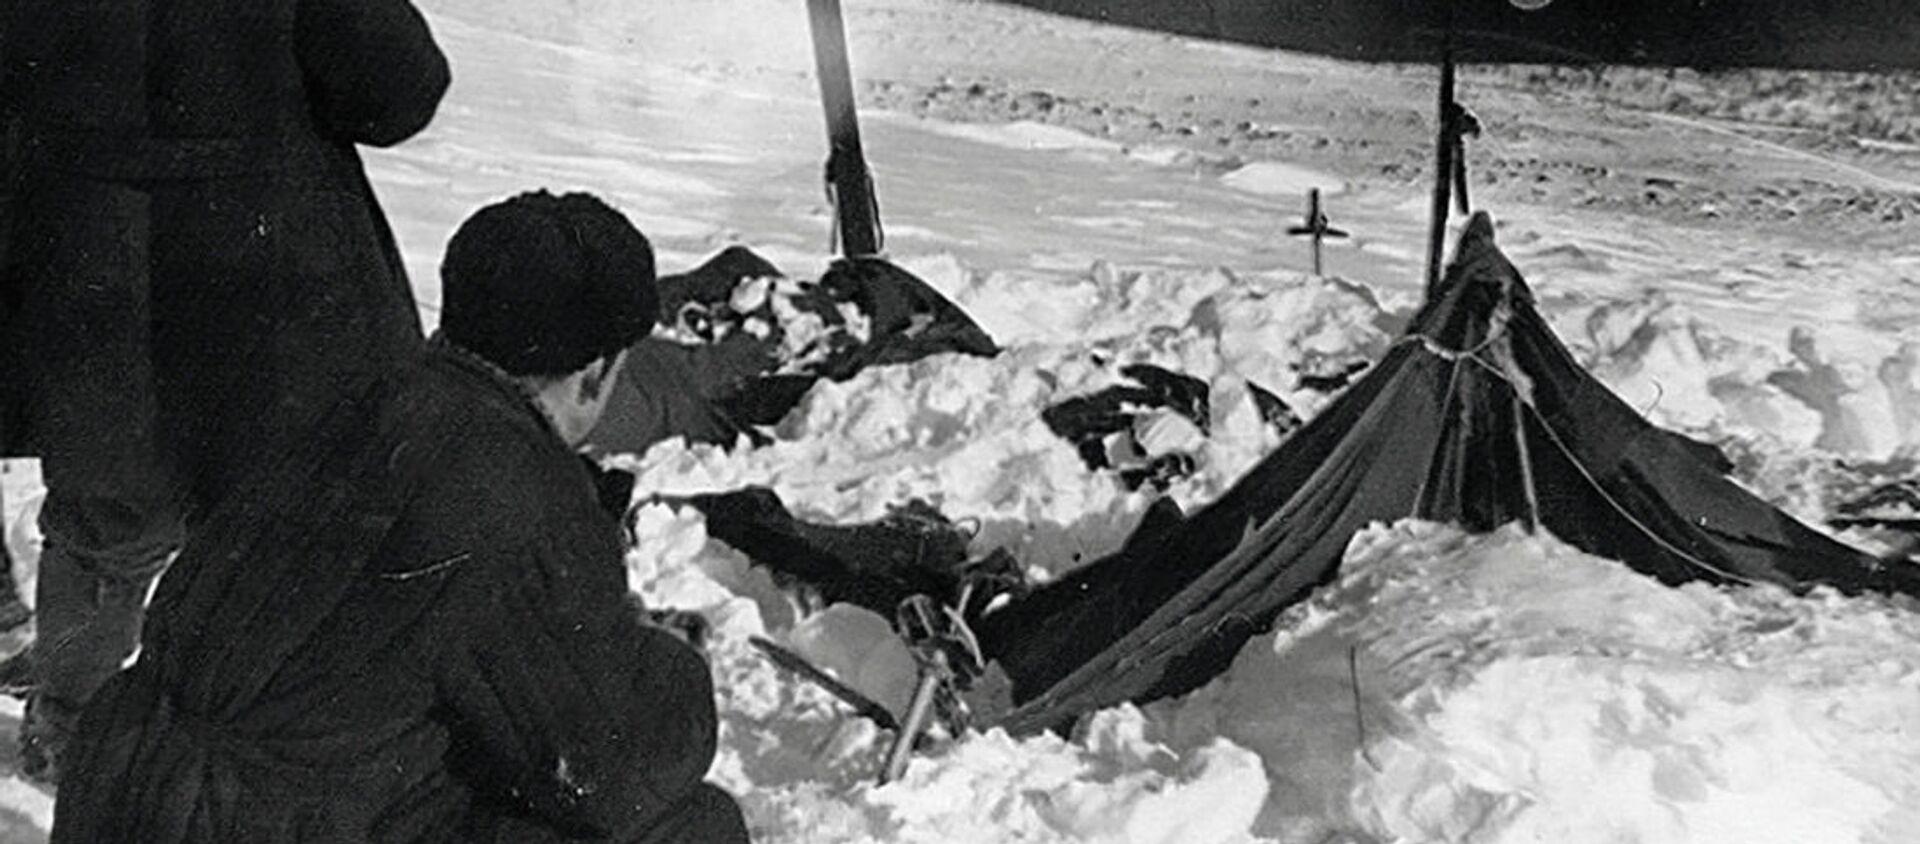 Przyczyną śmierci turystów na Przełęczy Diatłowa na Uralu Północnym w 1959 r. była lawina śnieżna. - Sputnik Polska, 1920, 12.07.2020